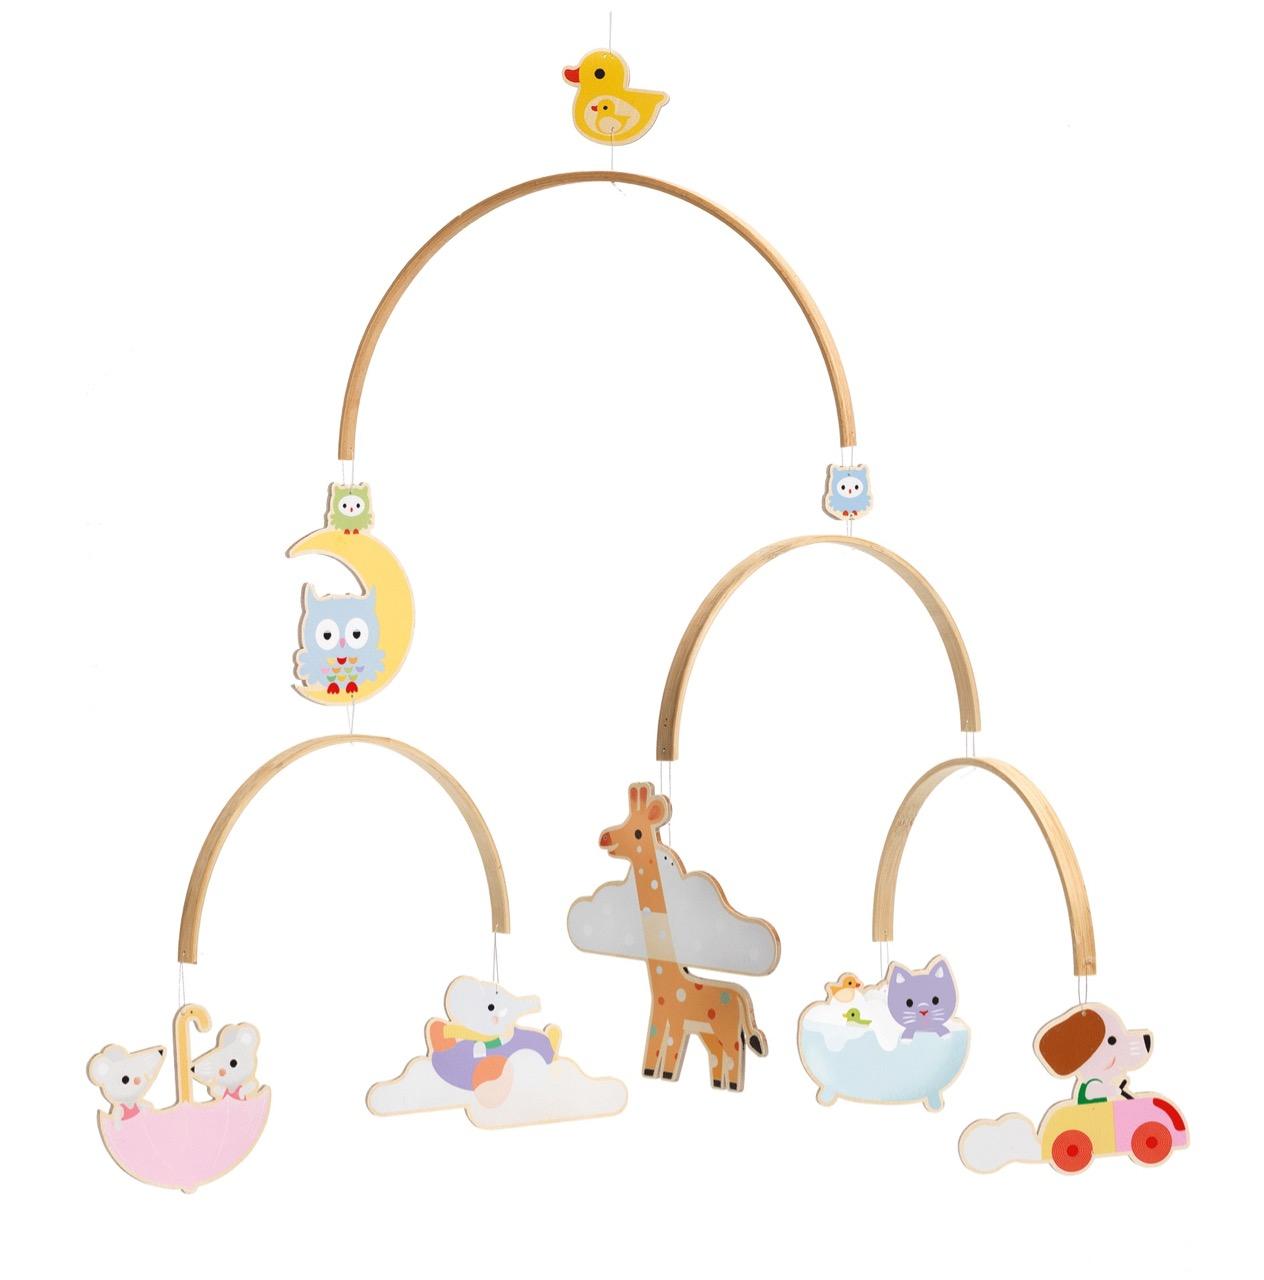 Djeco Baby Animals Mobile